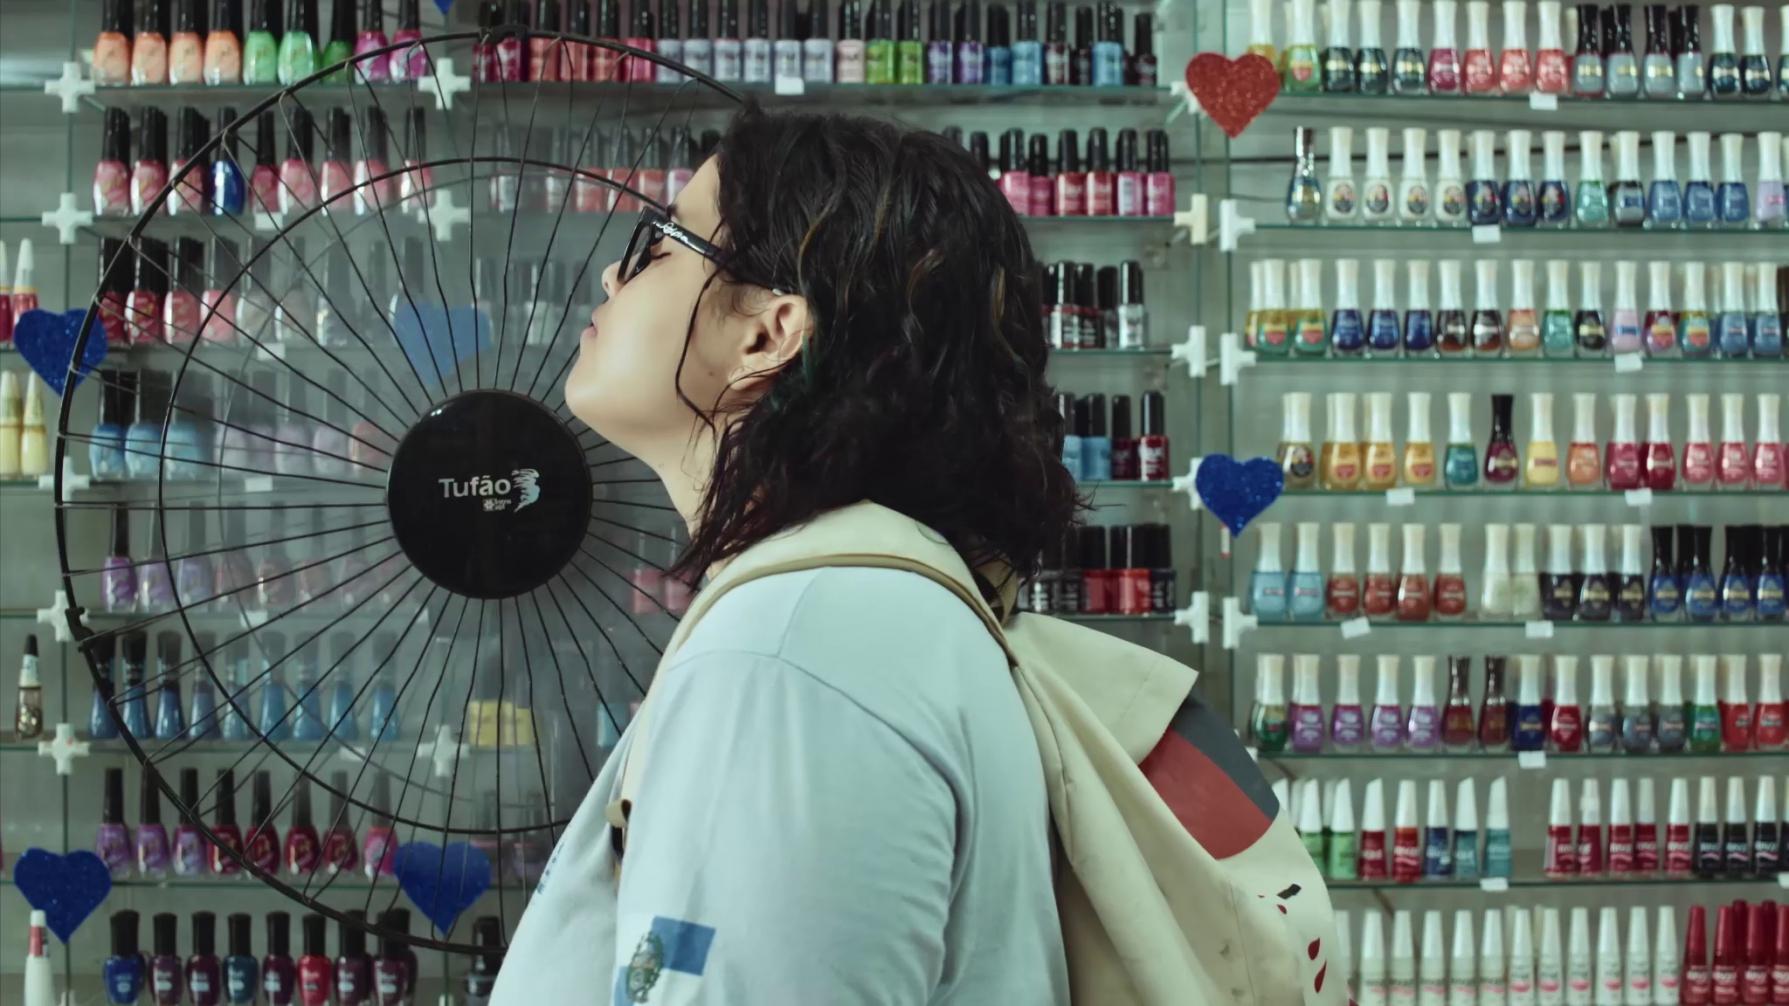 Um Filme de Verão: observando as férias de jovens da periferia